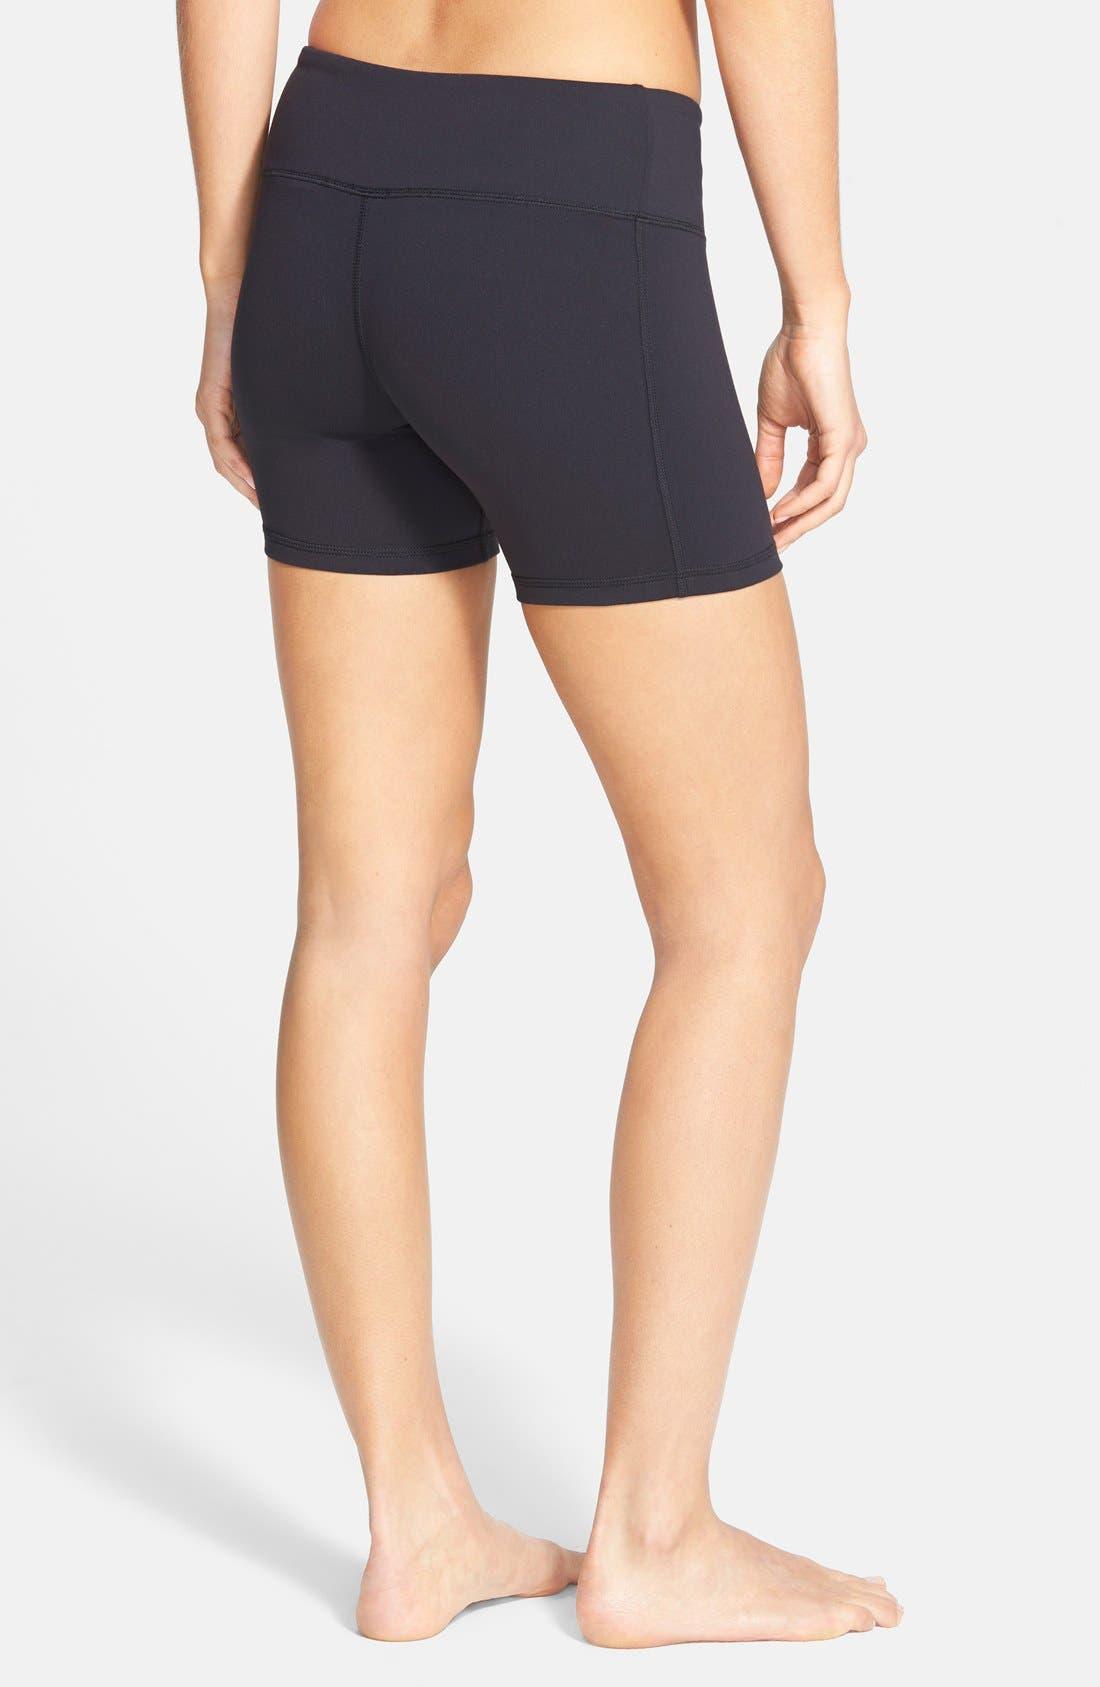 'Burn' Shorts,                             Alternate thumbnail 2, color,                             BLACK